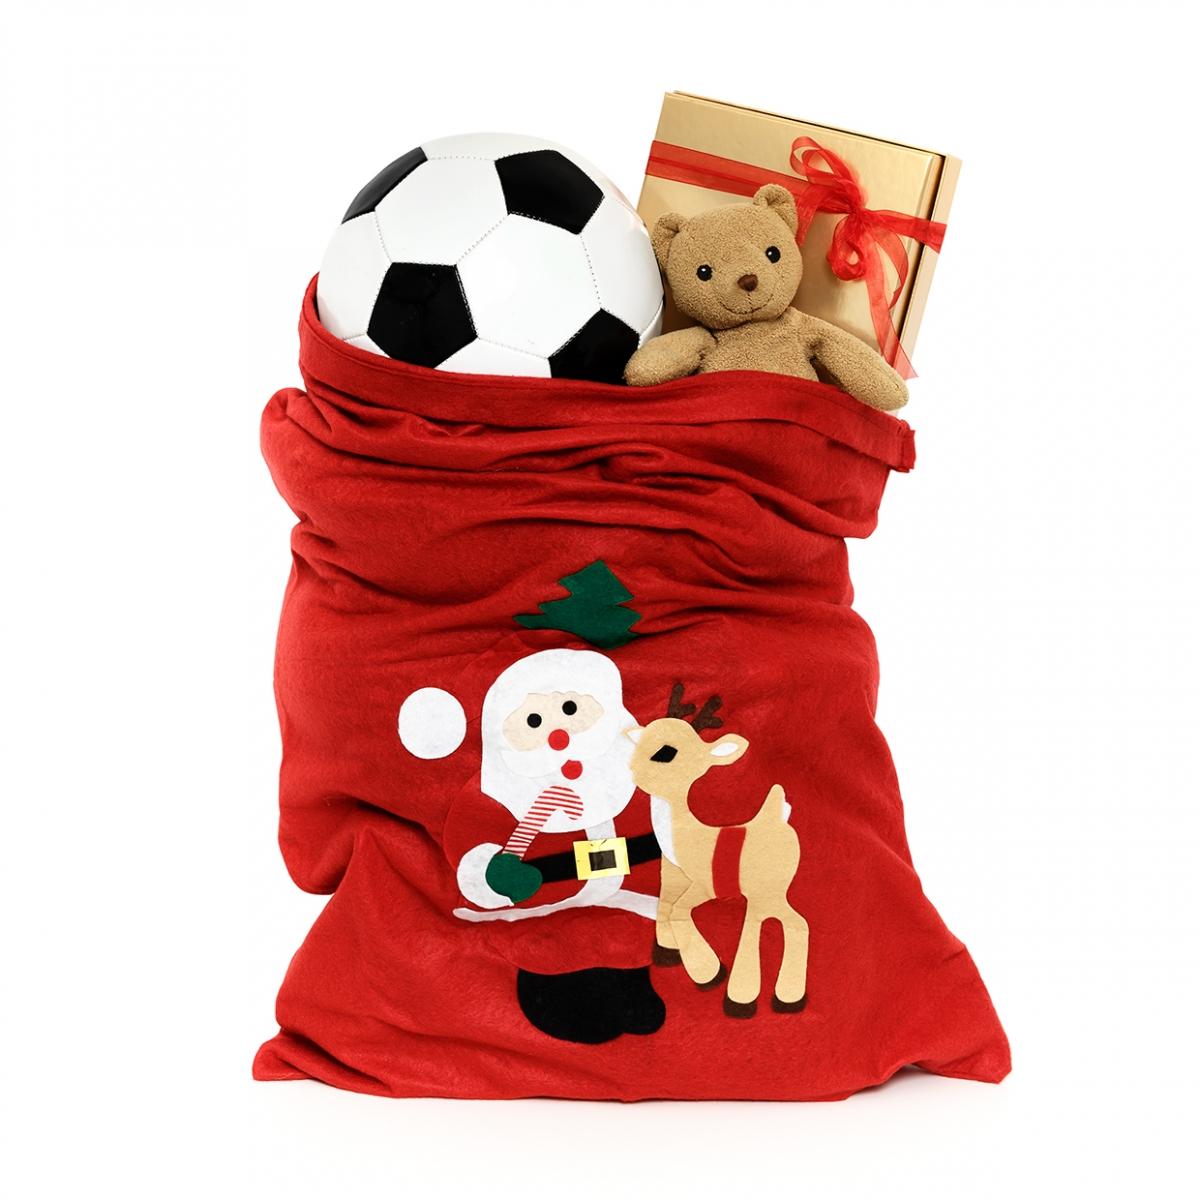 Imagen en la que se ve un saco con juguetes